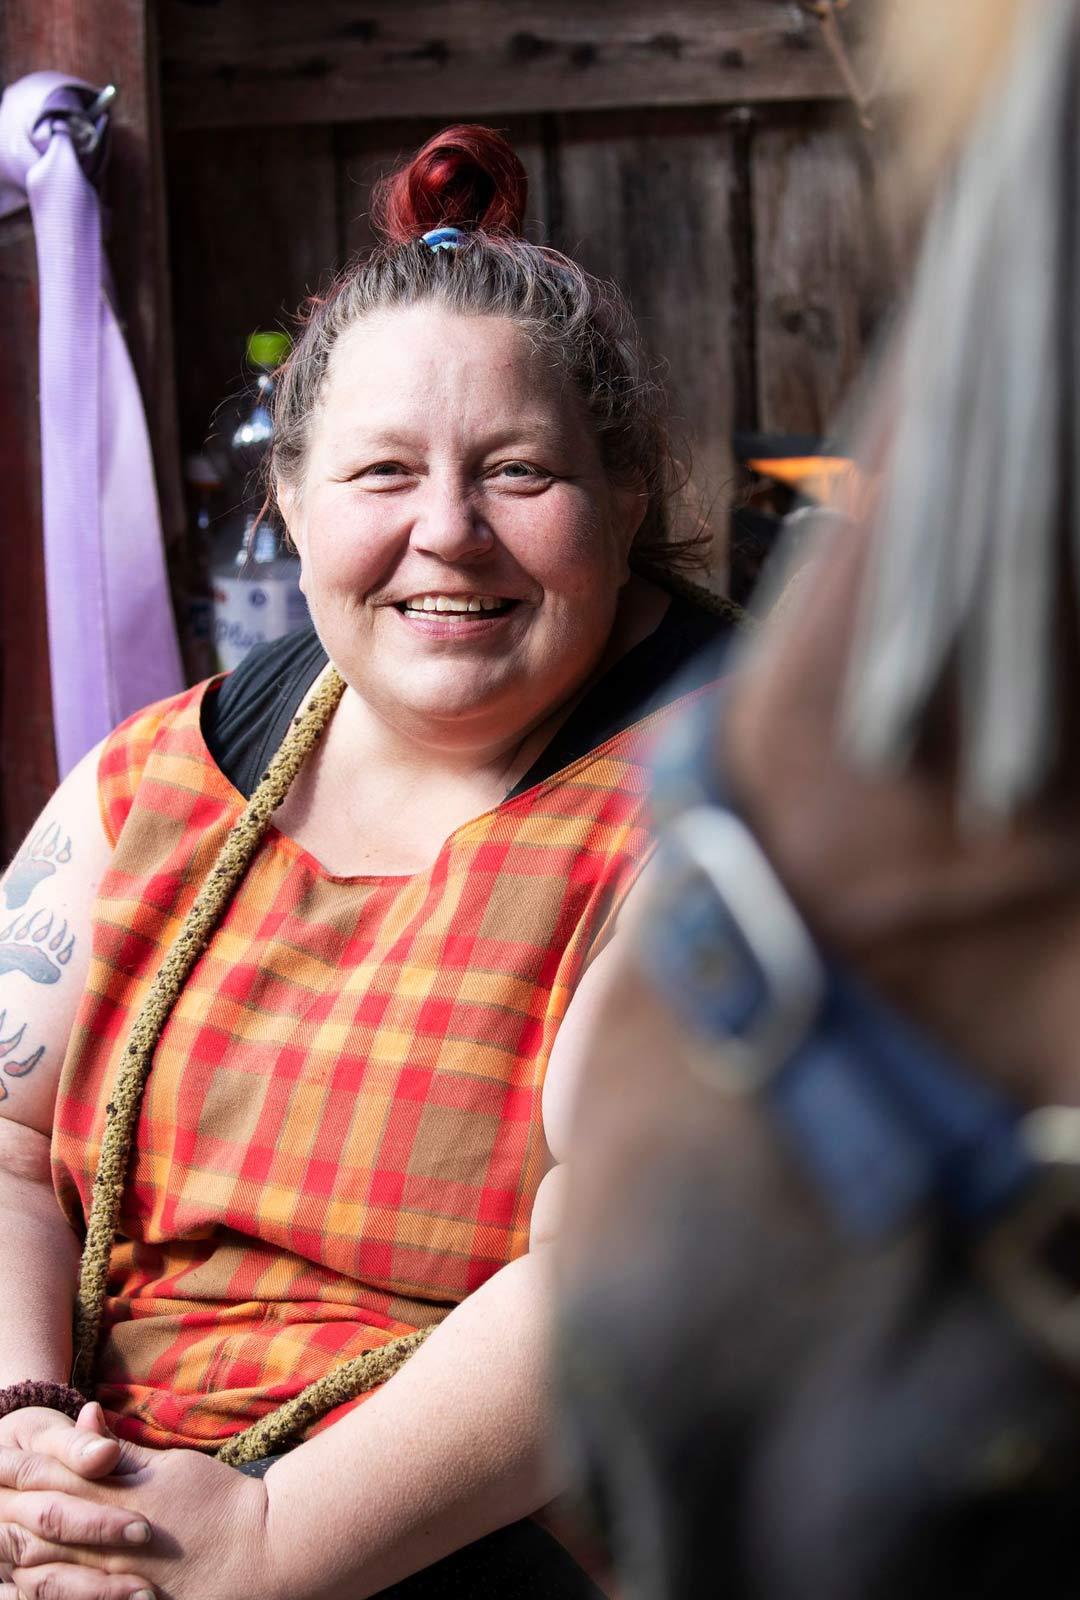 Tanja Lundstenille Uuraksen hankinta avasi aivan uudenlaisen elämänvaiheen maalla.